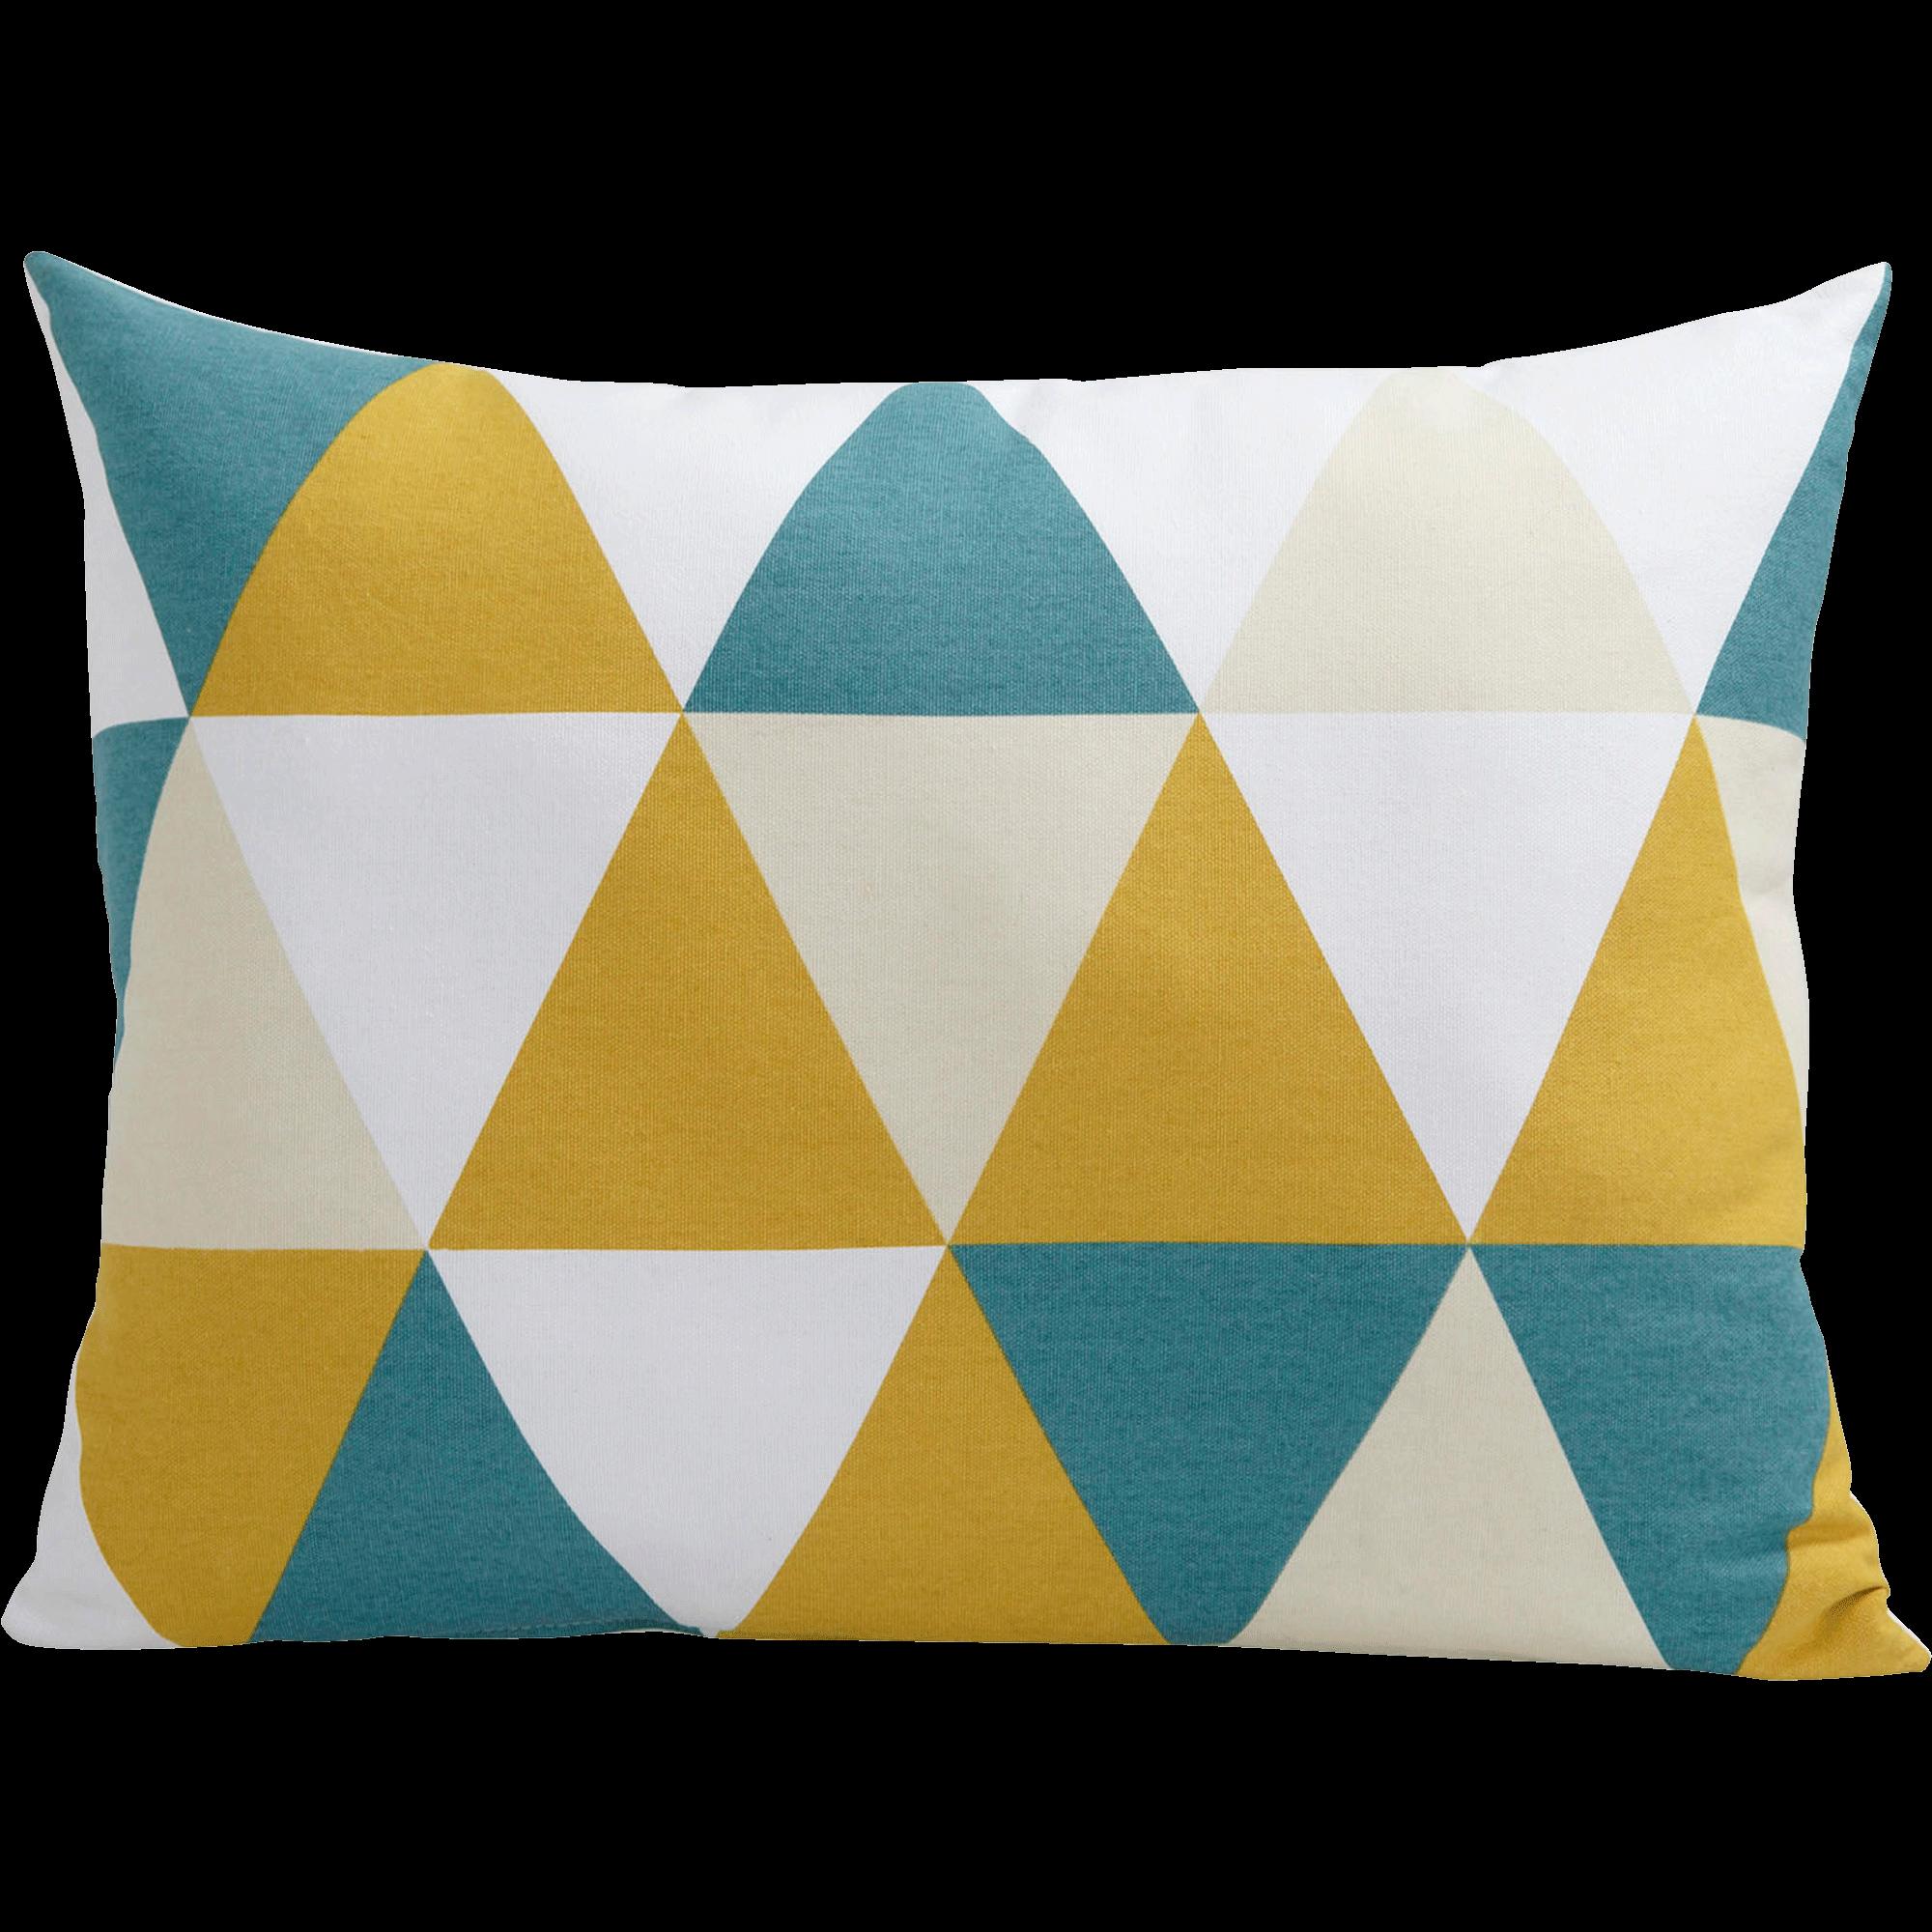 Coussin à motifs triangles 45x60cm - TRIANGLES